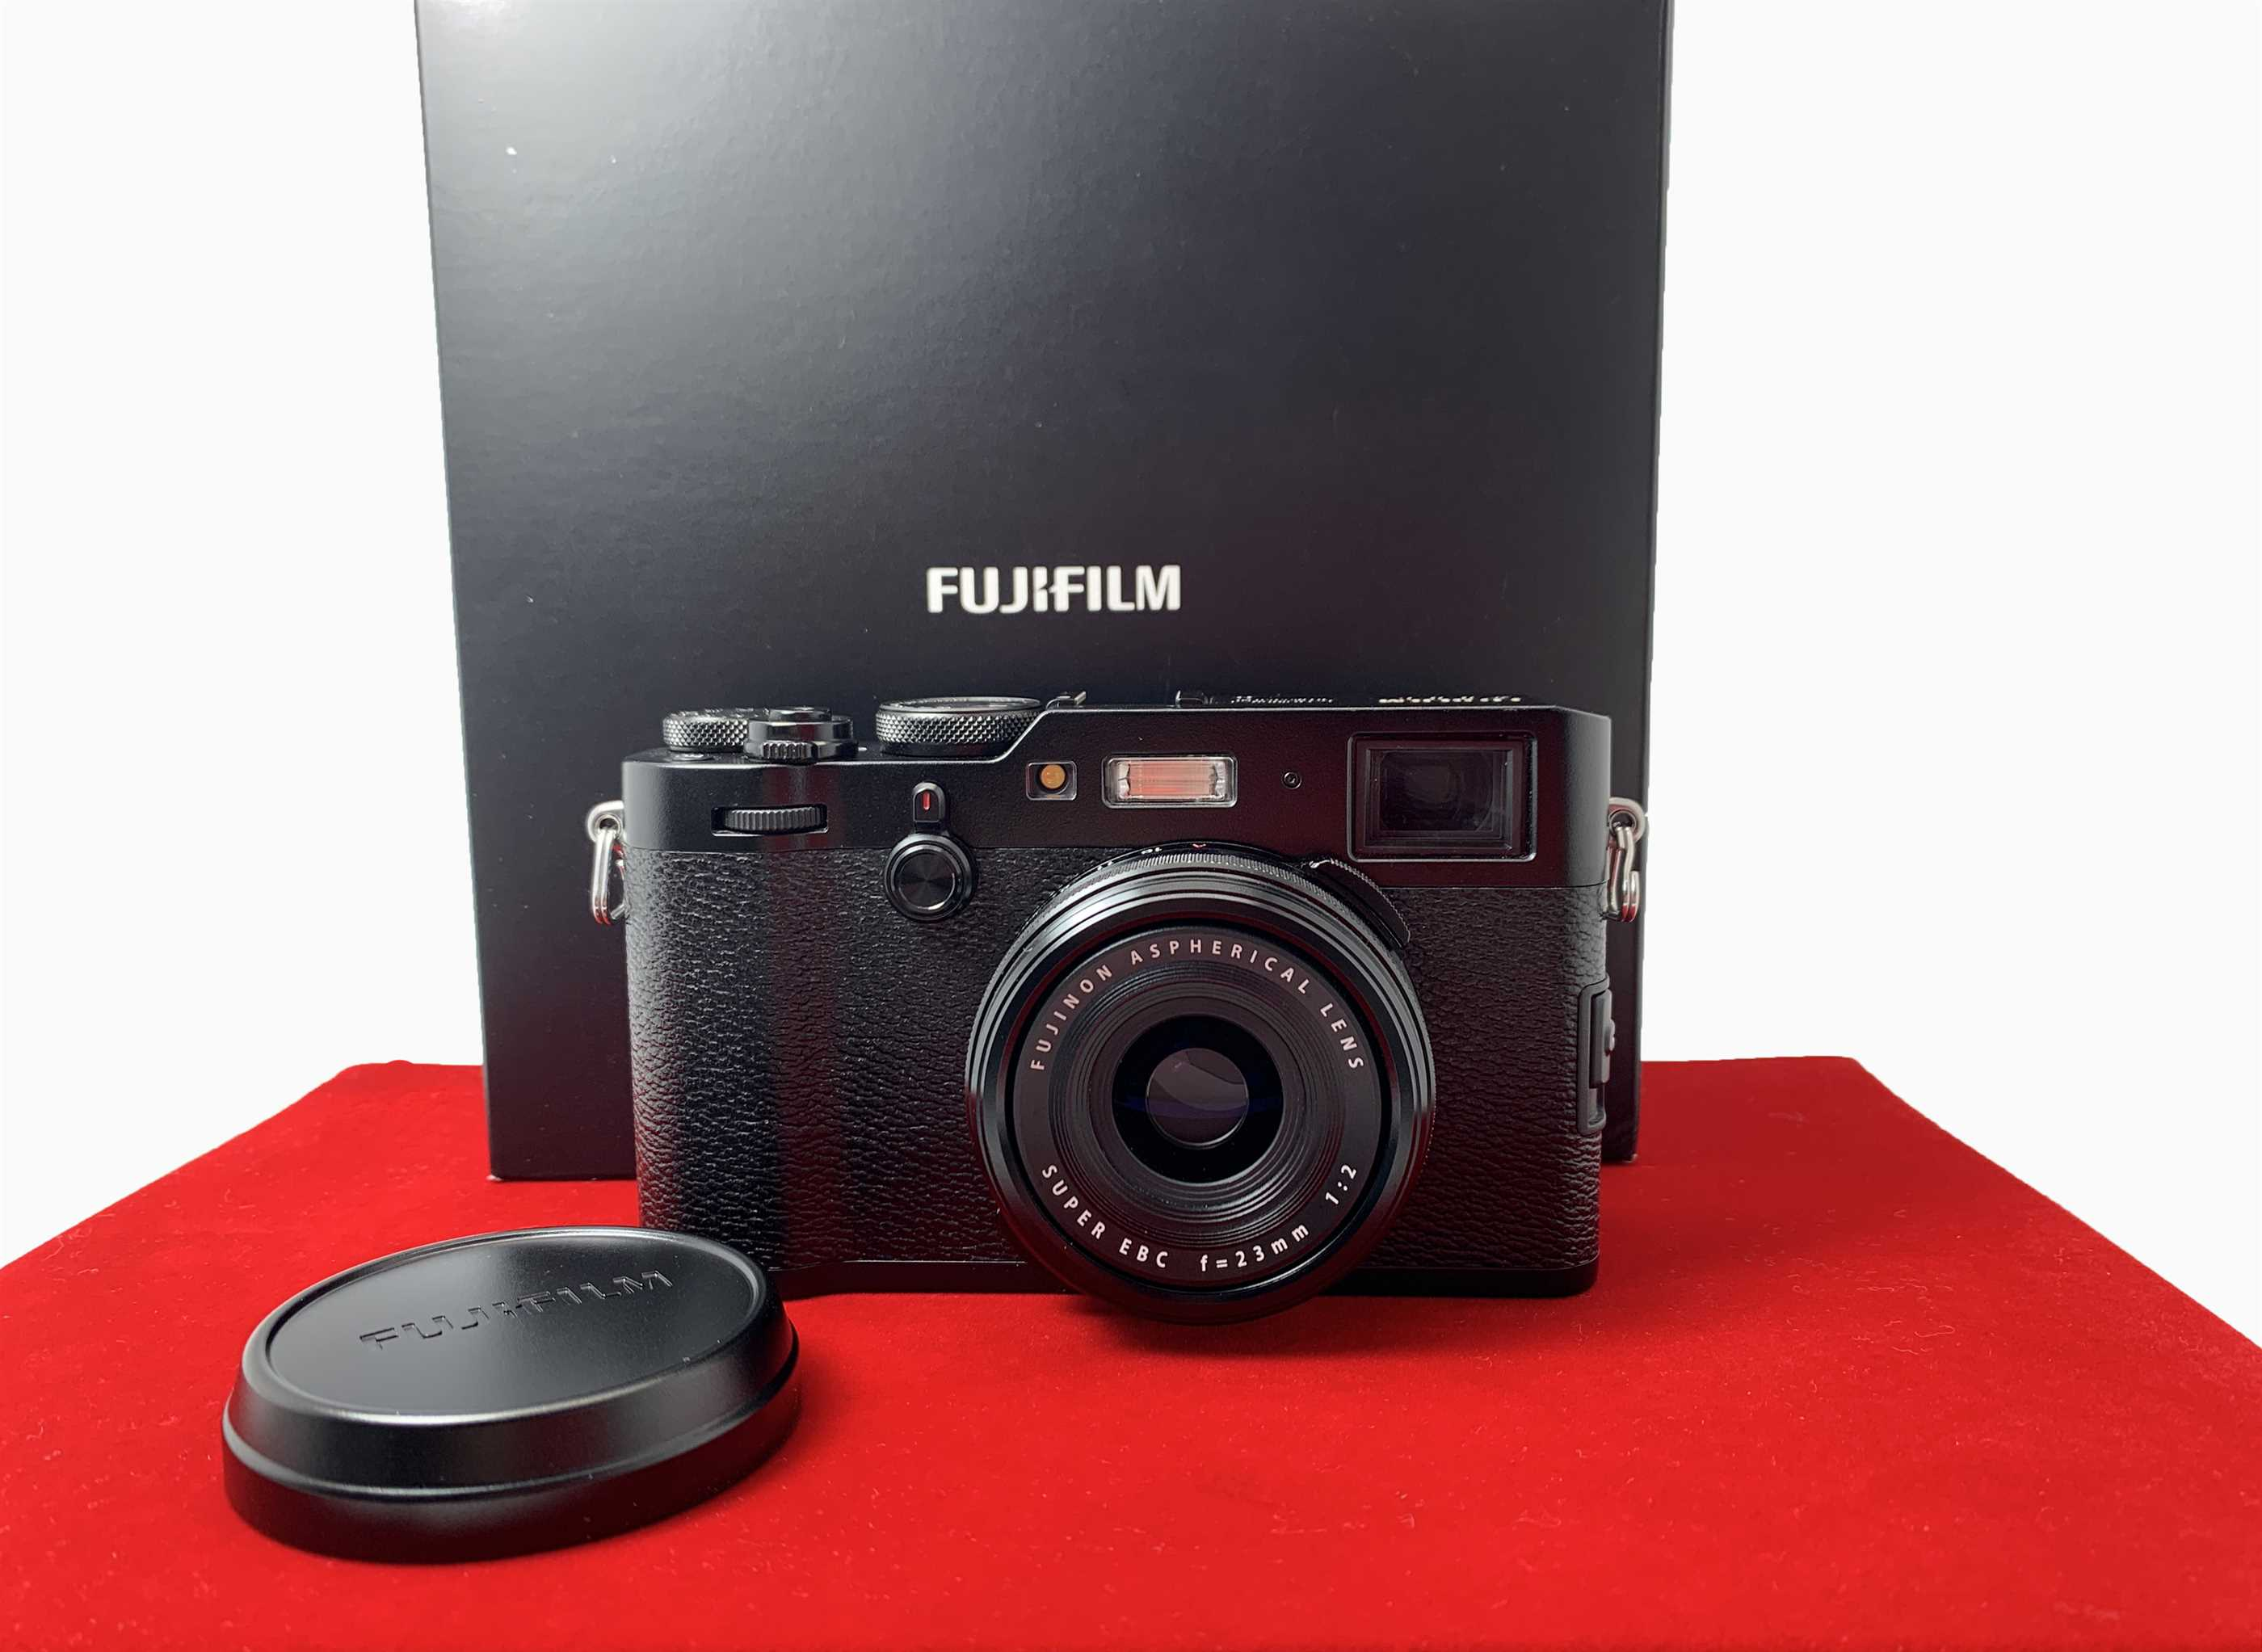 [USED-PJ33] Fujifilm X100F Camera (Black), 90% Like New Condition (S/N:72M51491)